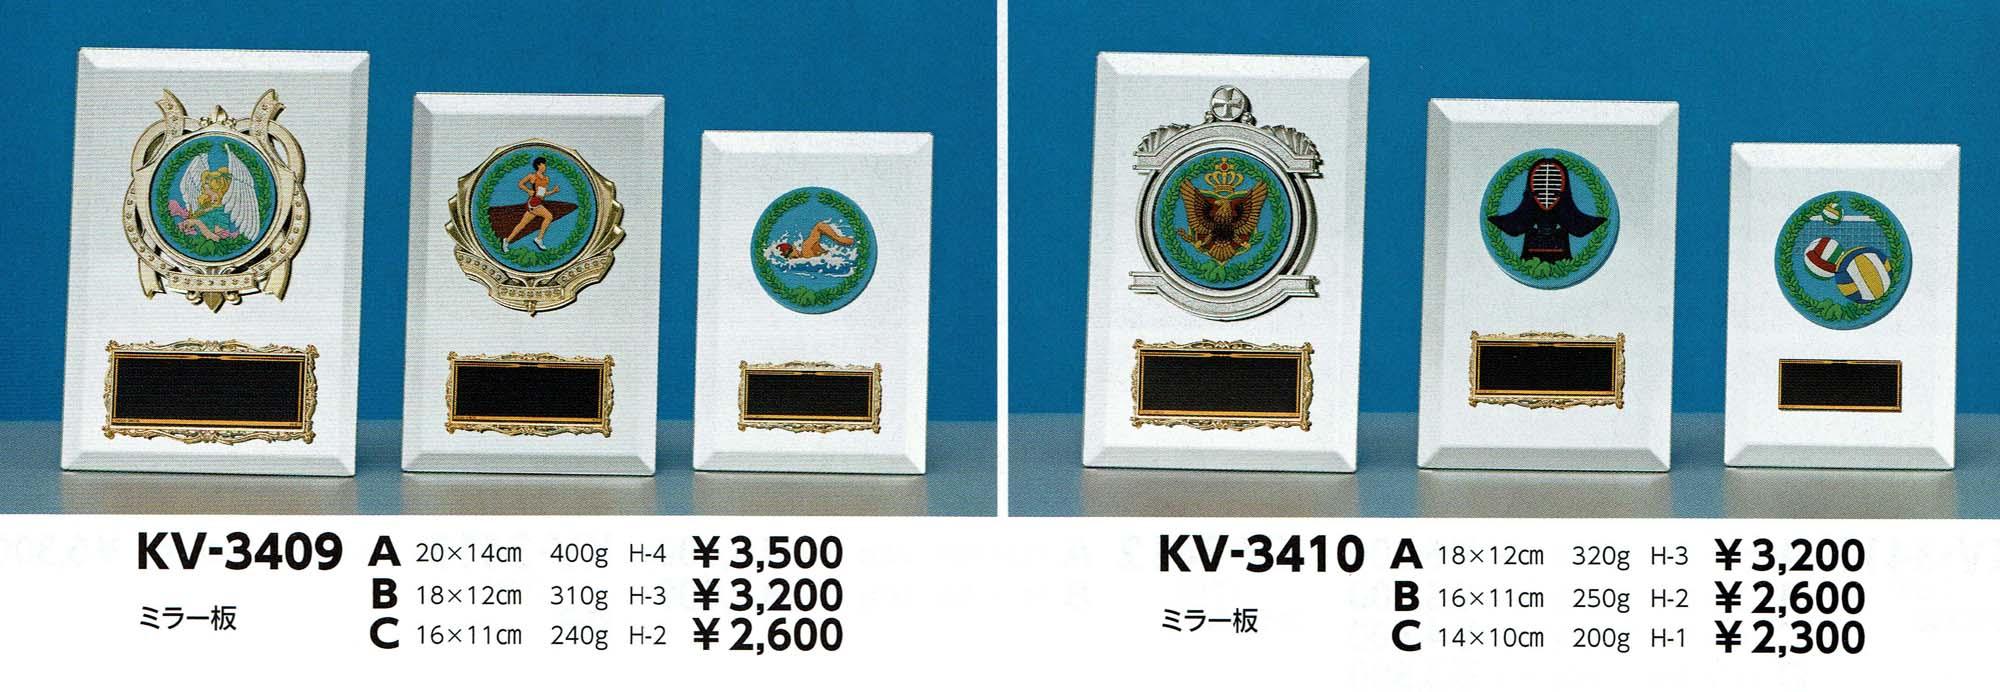 KV3409、KV3410